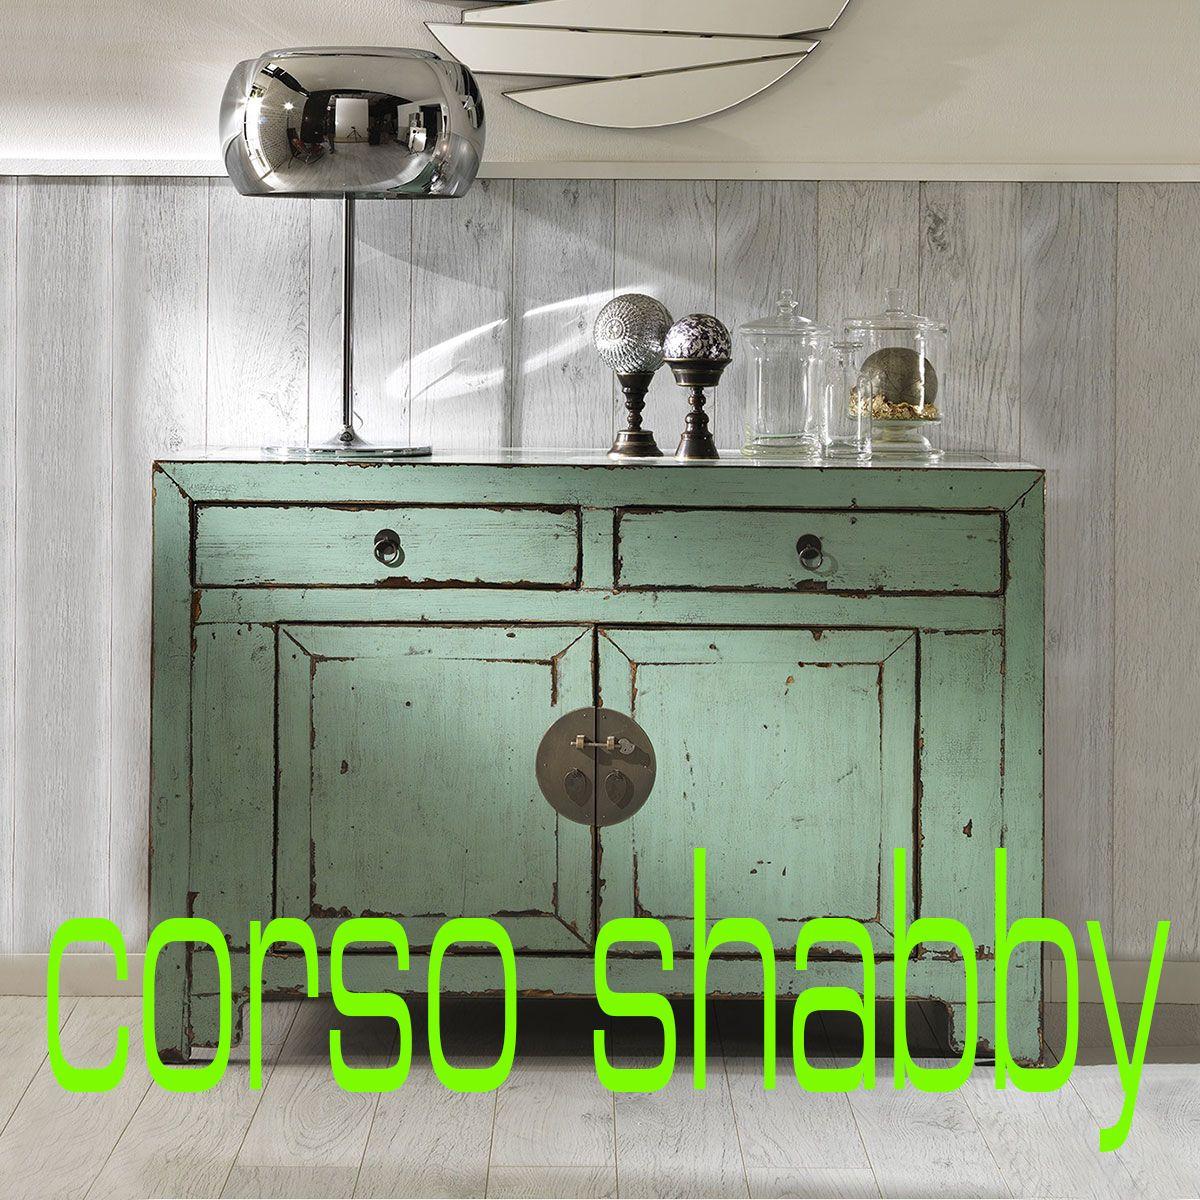 Tecniche Di Shabby Chic.Sabato Ultimi 3 Posti Per Partecipare Al Corso Shabby Chic